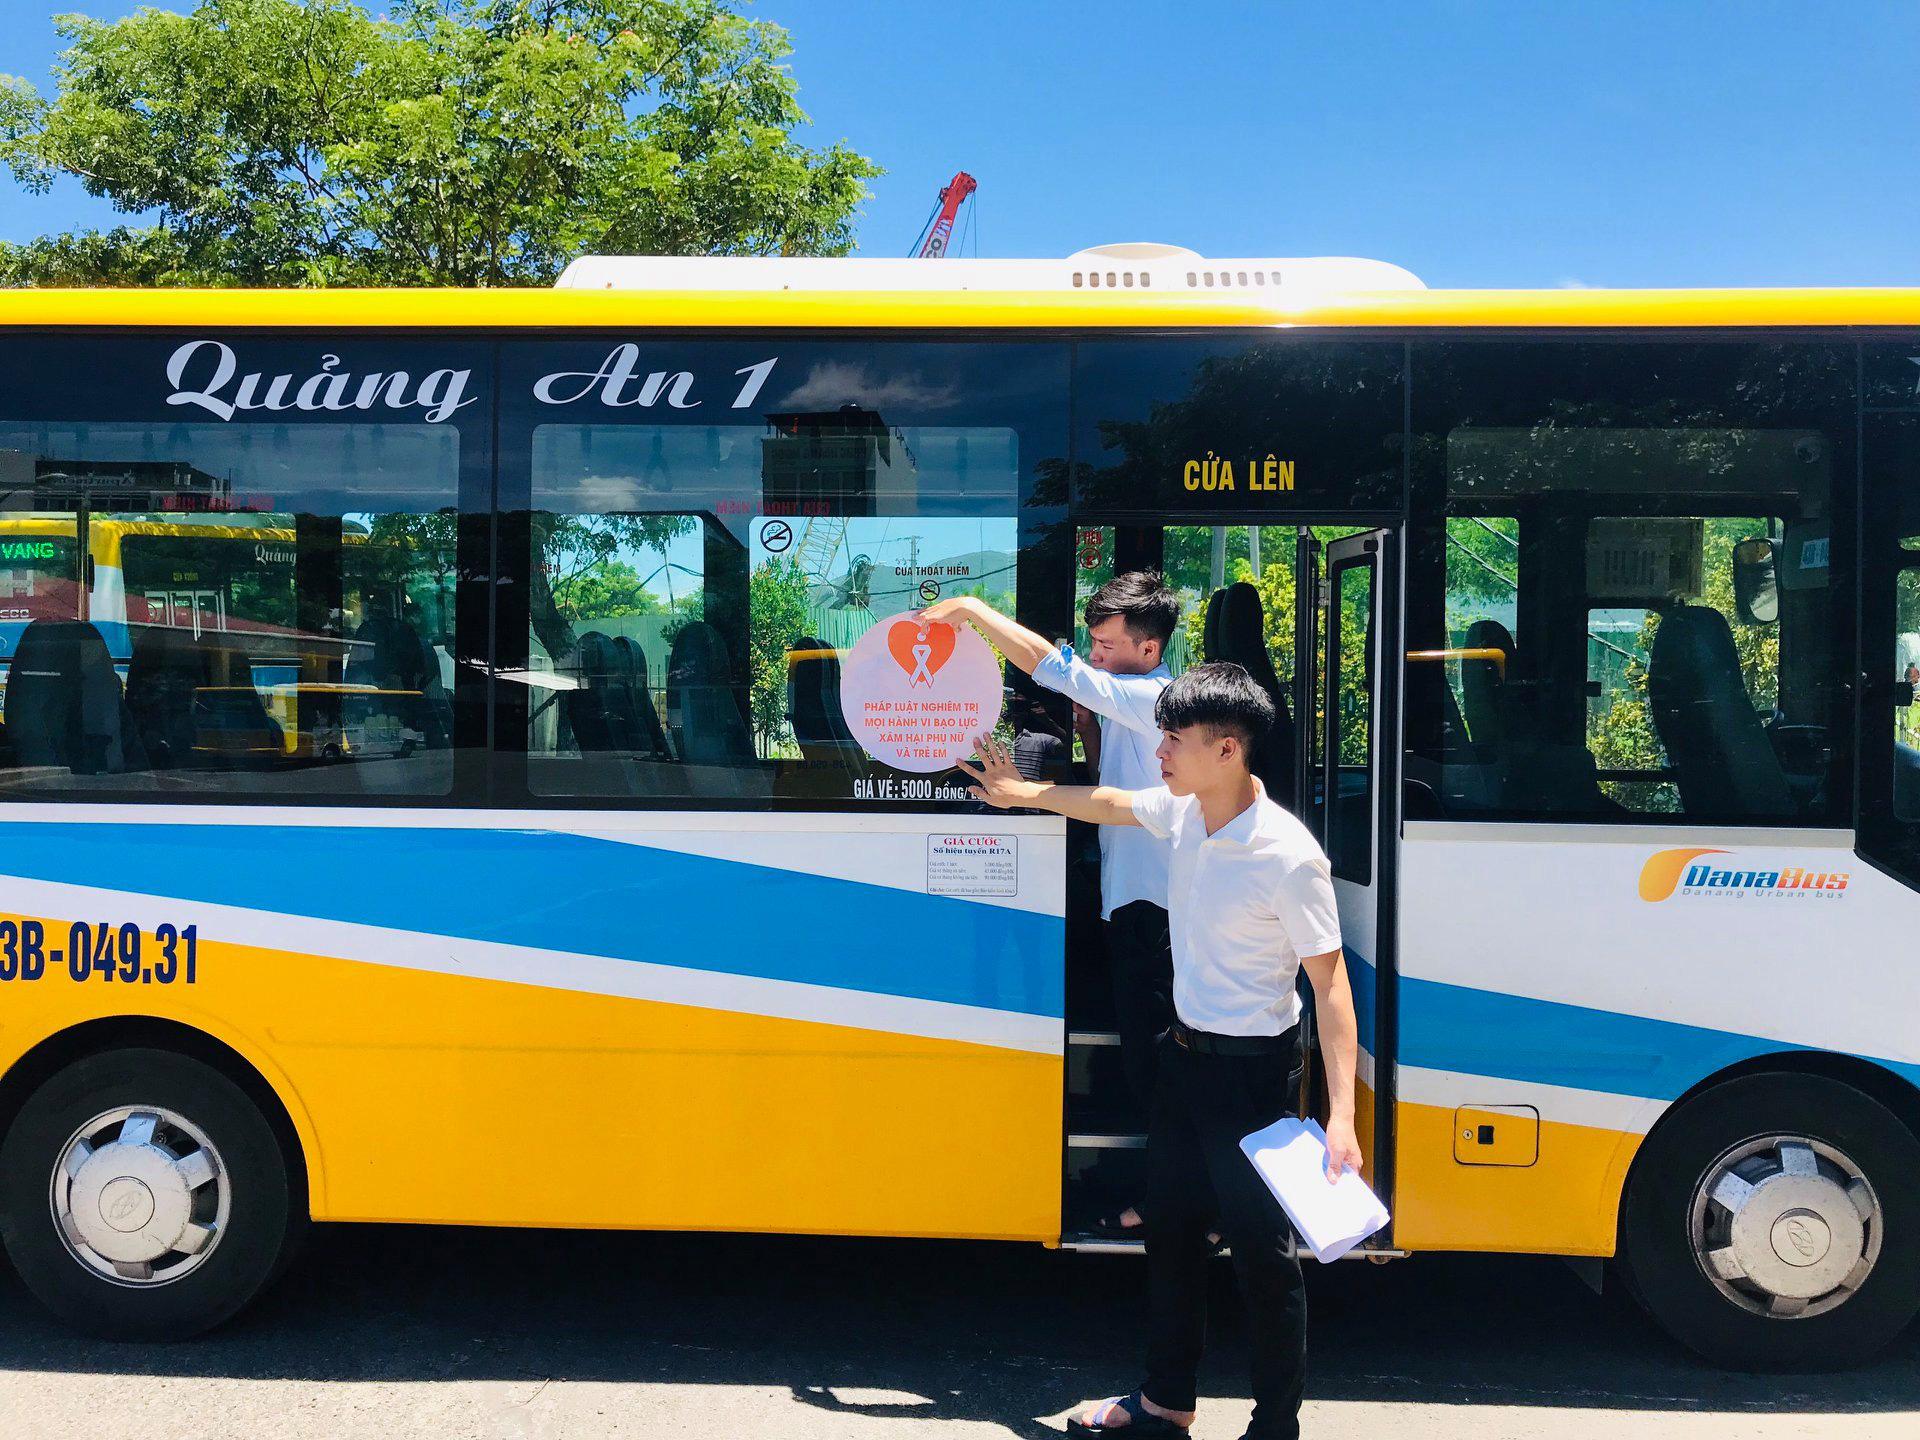 Đà Nẵng dừng tất cả tuyến xe buýt để phòng chống dịch Covid-19 - Ảnh 1.